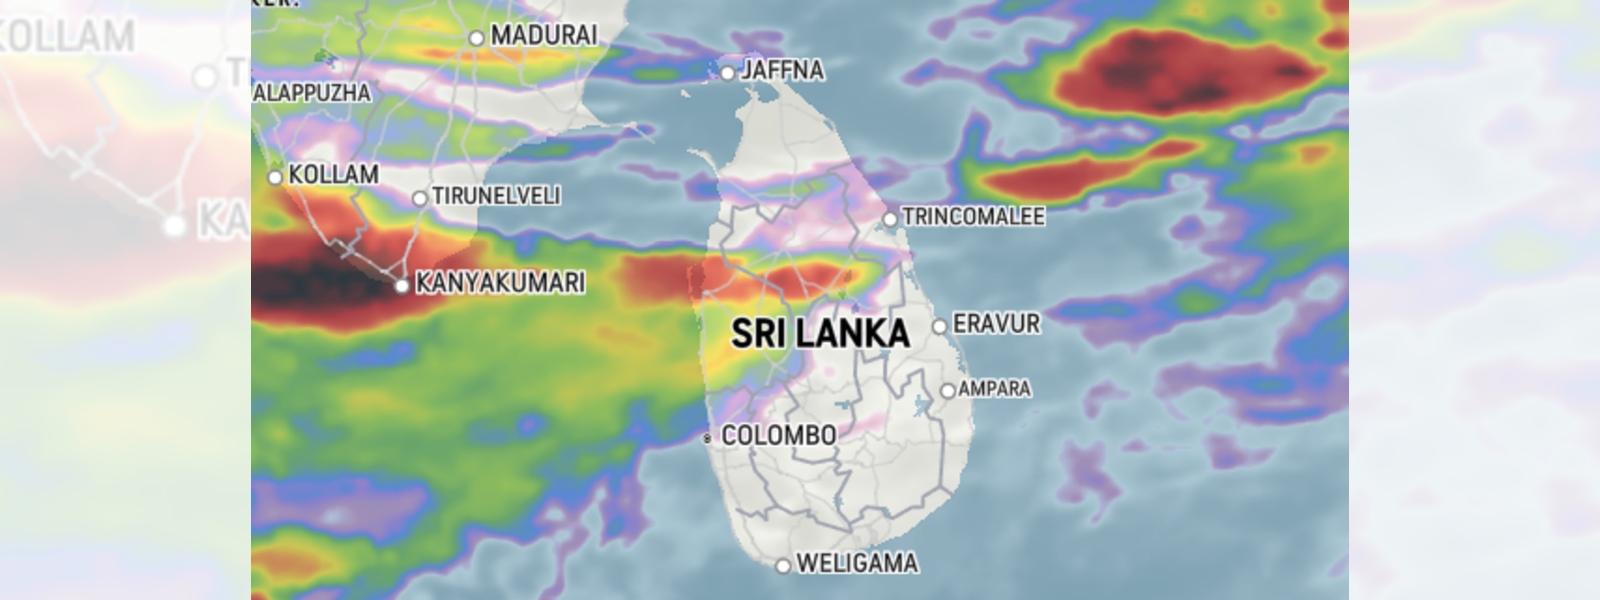 Heavy rainfall exceeding 150 mm in several areas: Met Department